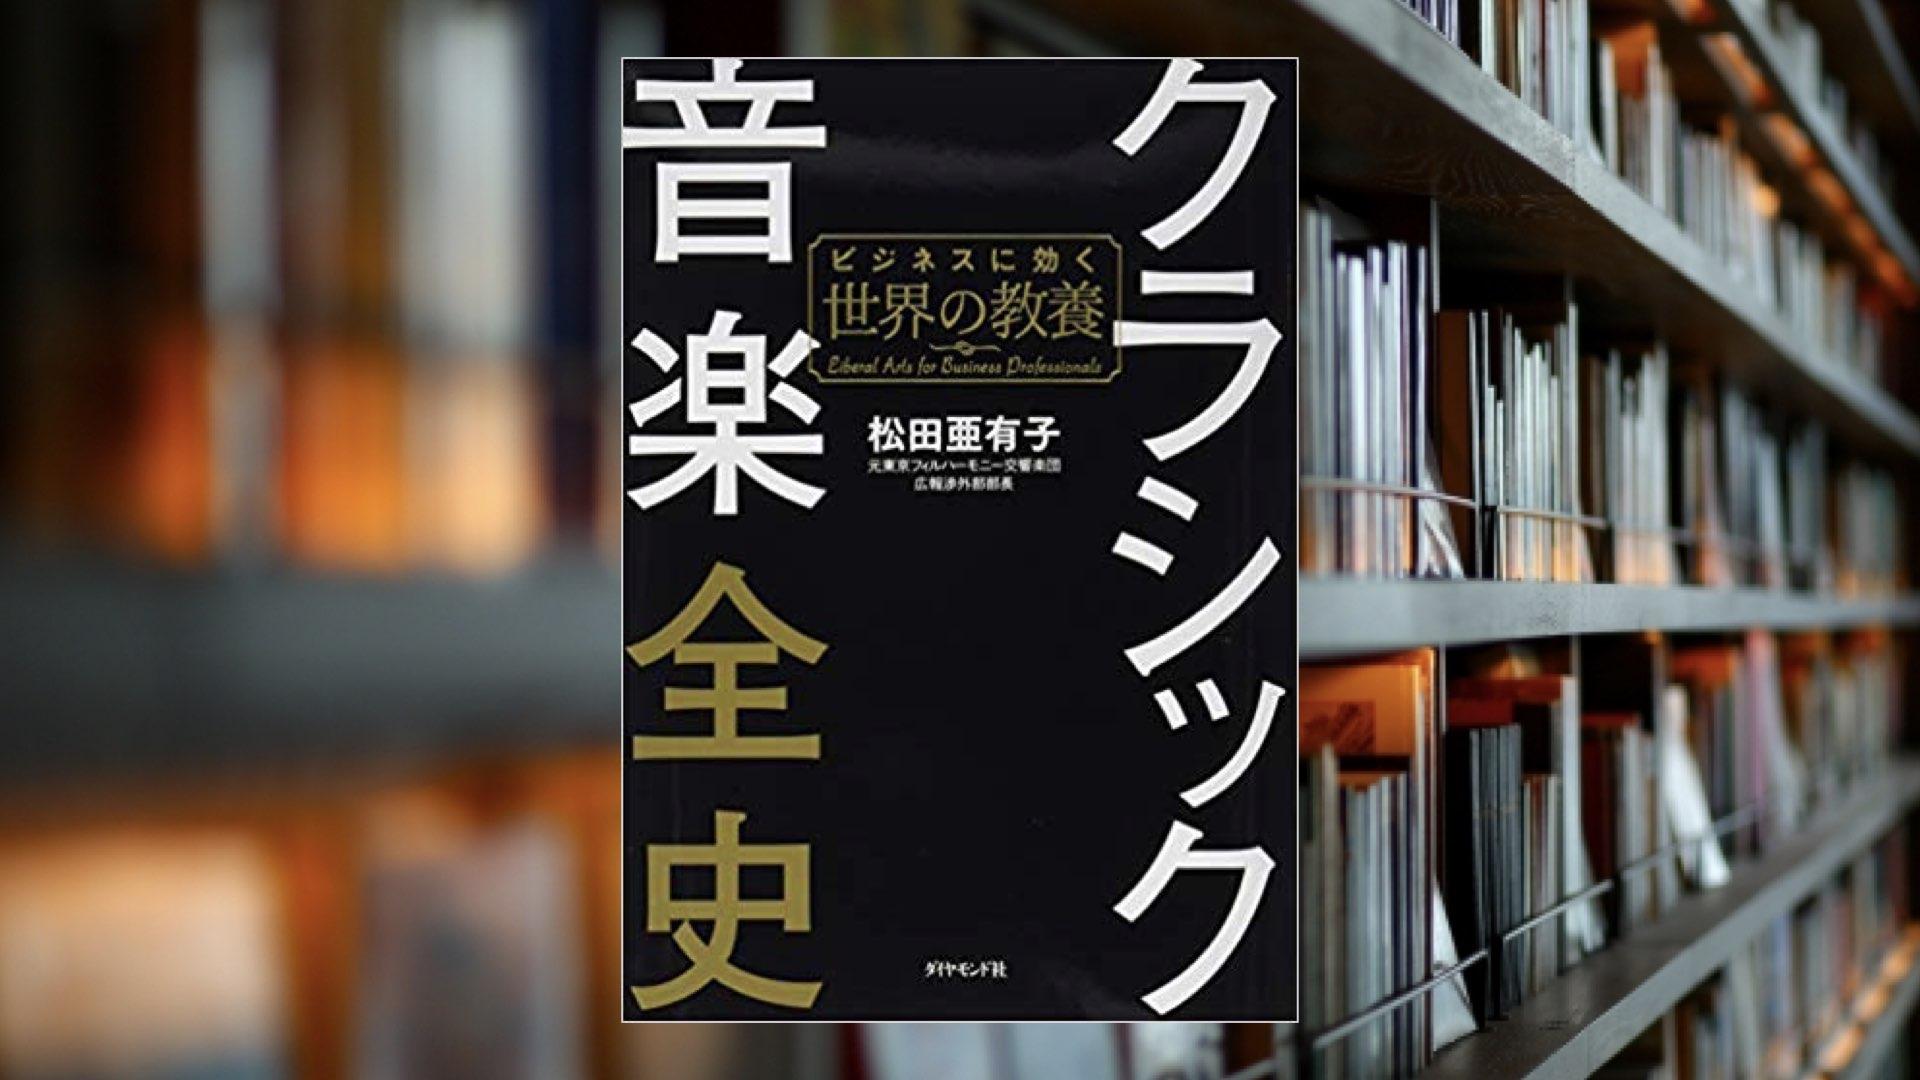 音楽の歴史を知ろう クラシック音楽全史 松田亜有子